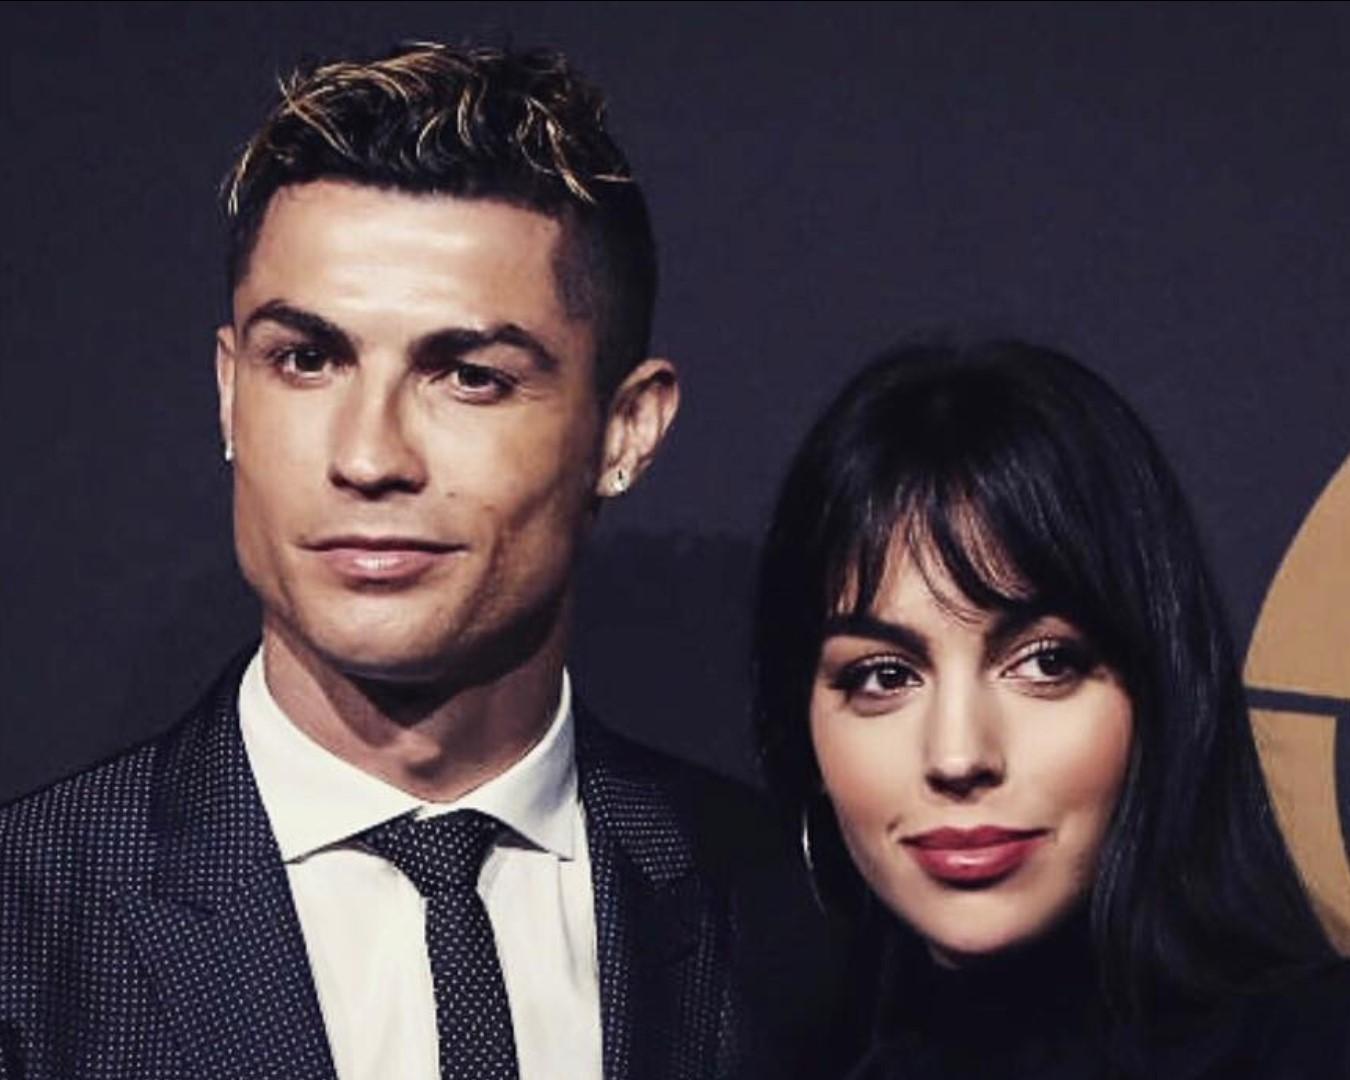 Cristiano Ronaldo e Georgina Rodriguez, gatto da 3.000 euro